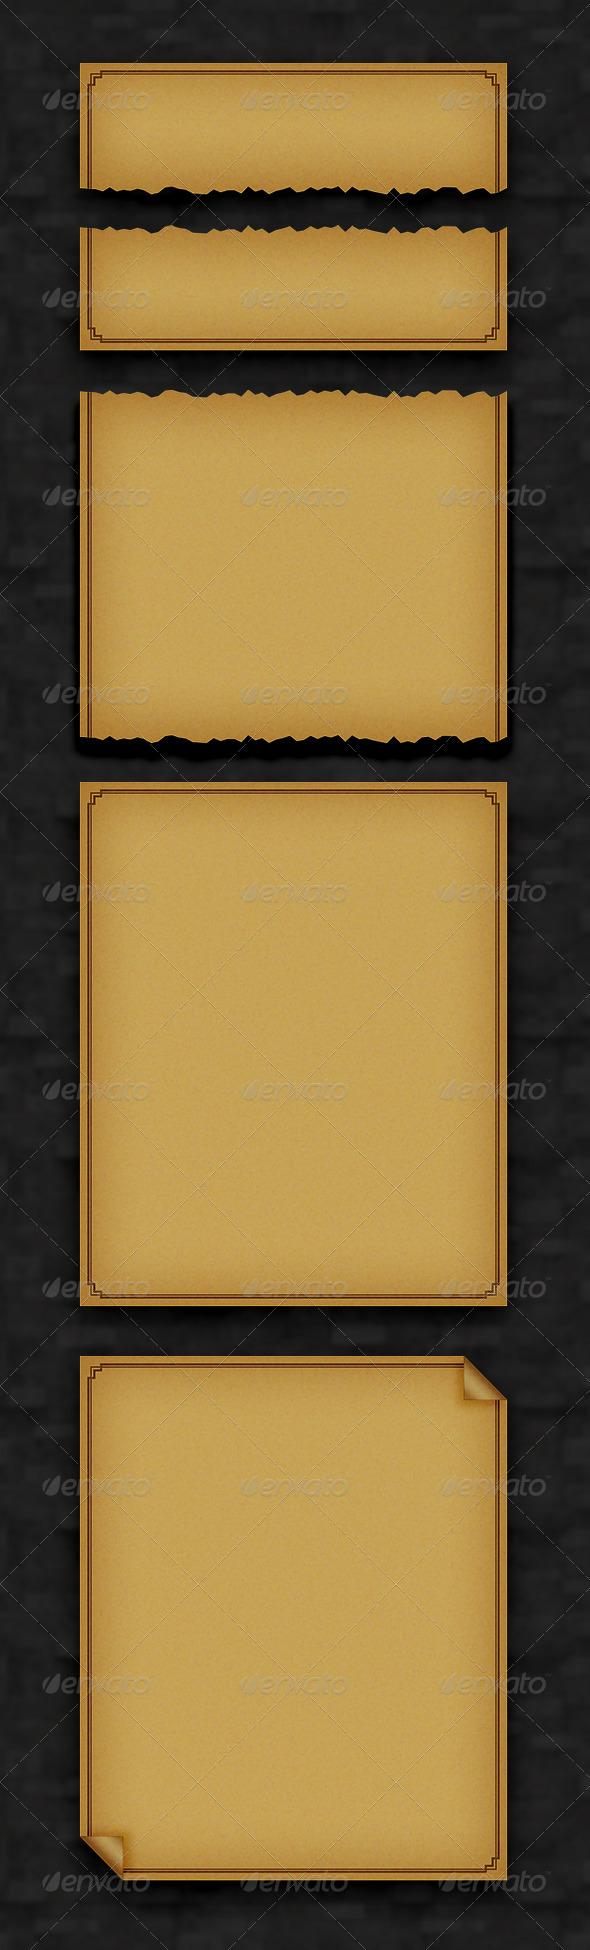 RPG Parchment - User Interfaces Web Elements